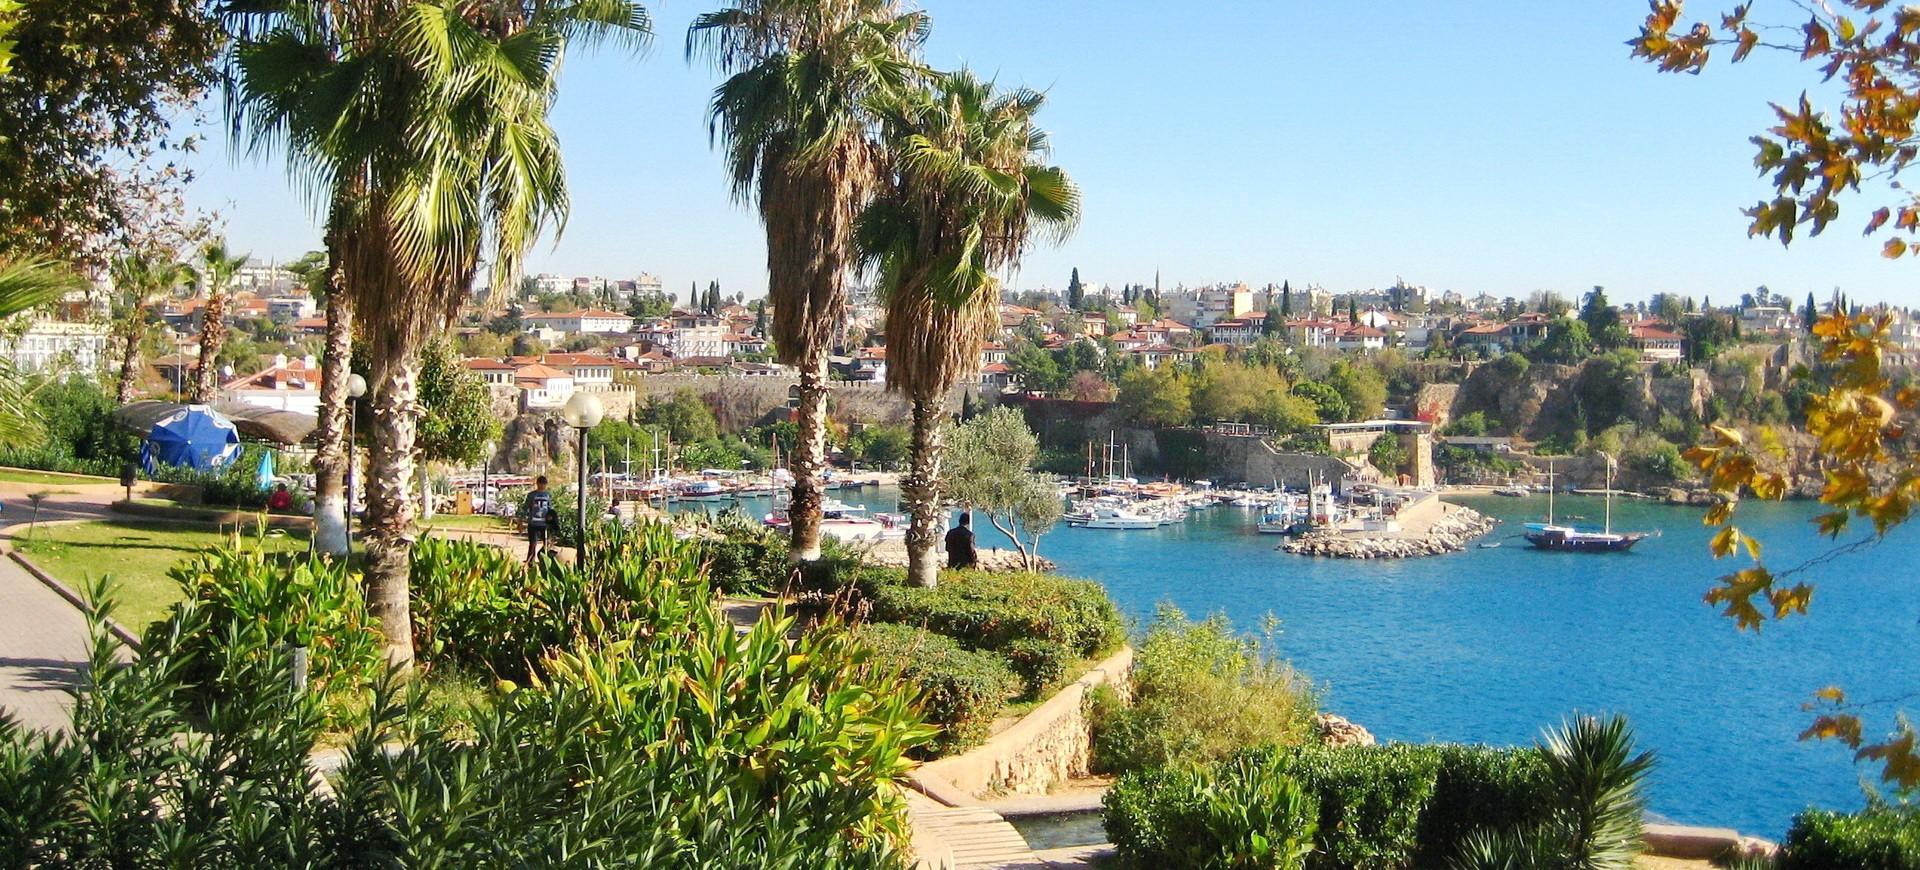 Le petit port au bord de la Mer Egée à Antalya en Turquie